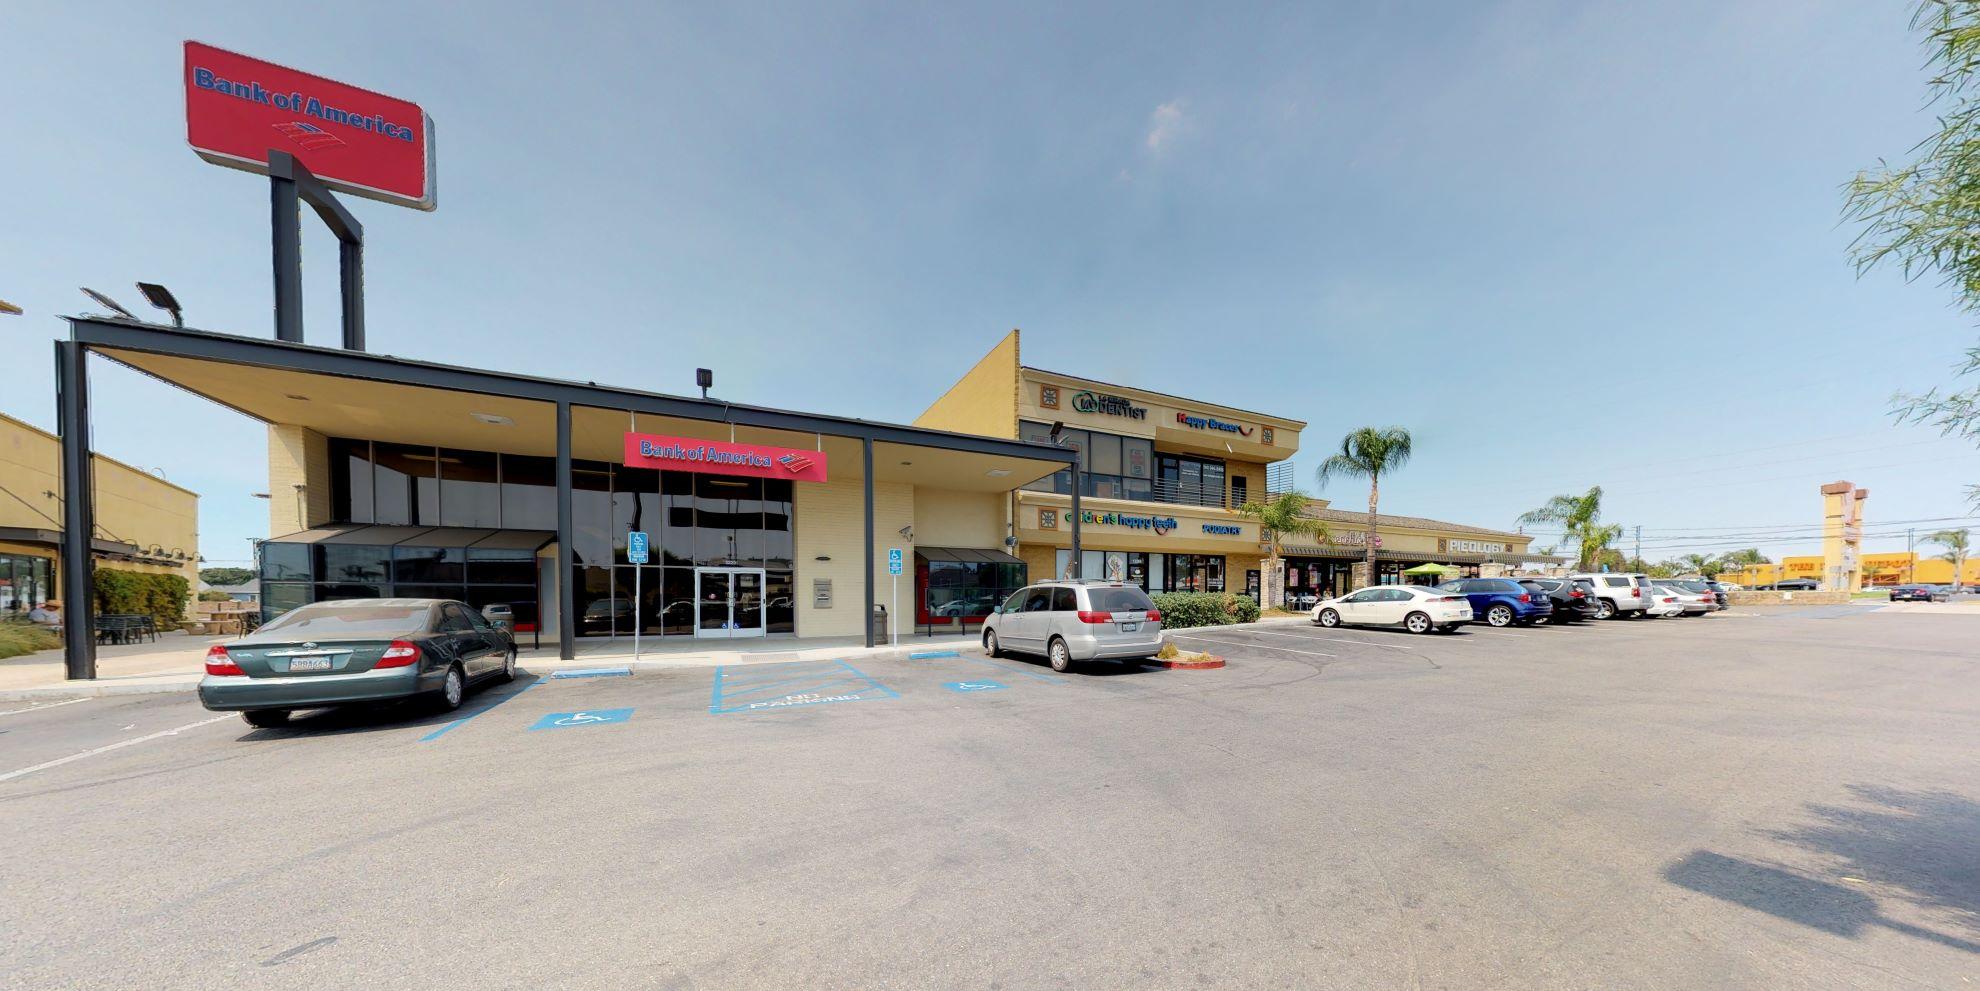 Bank of America financial center with walk-up ATM | 12231 La Mirada Blvd, La Mirada, CA 90638